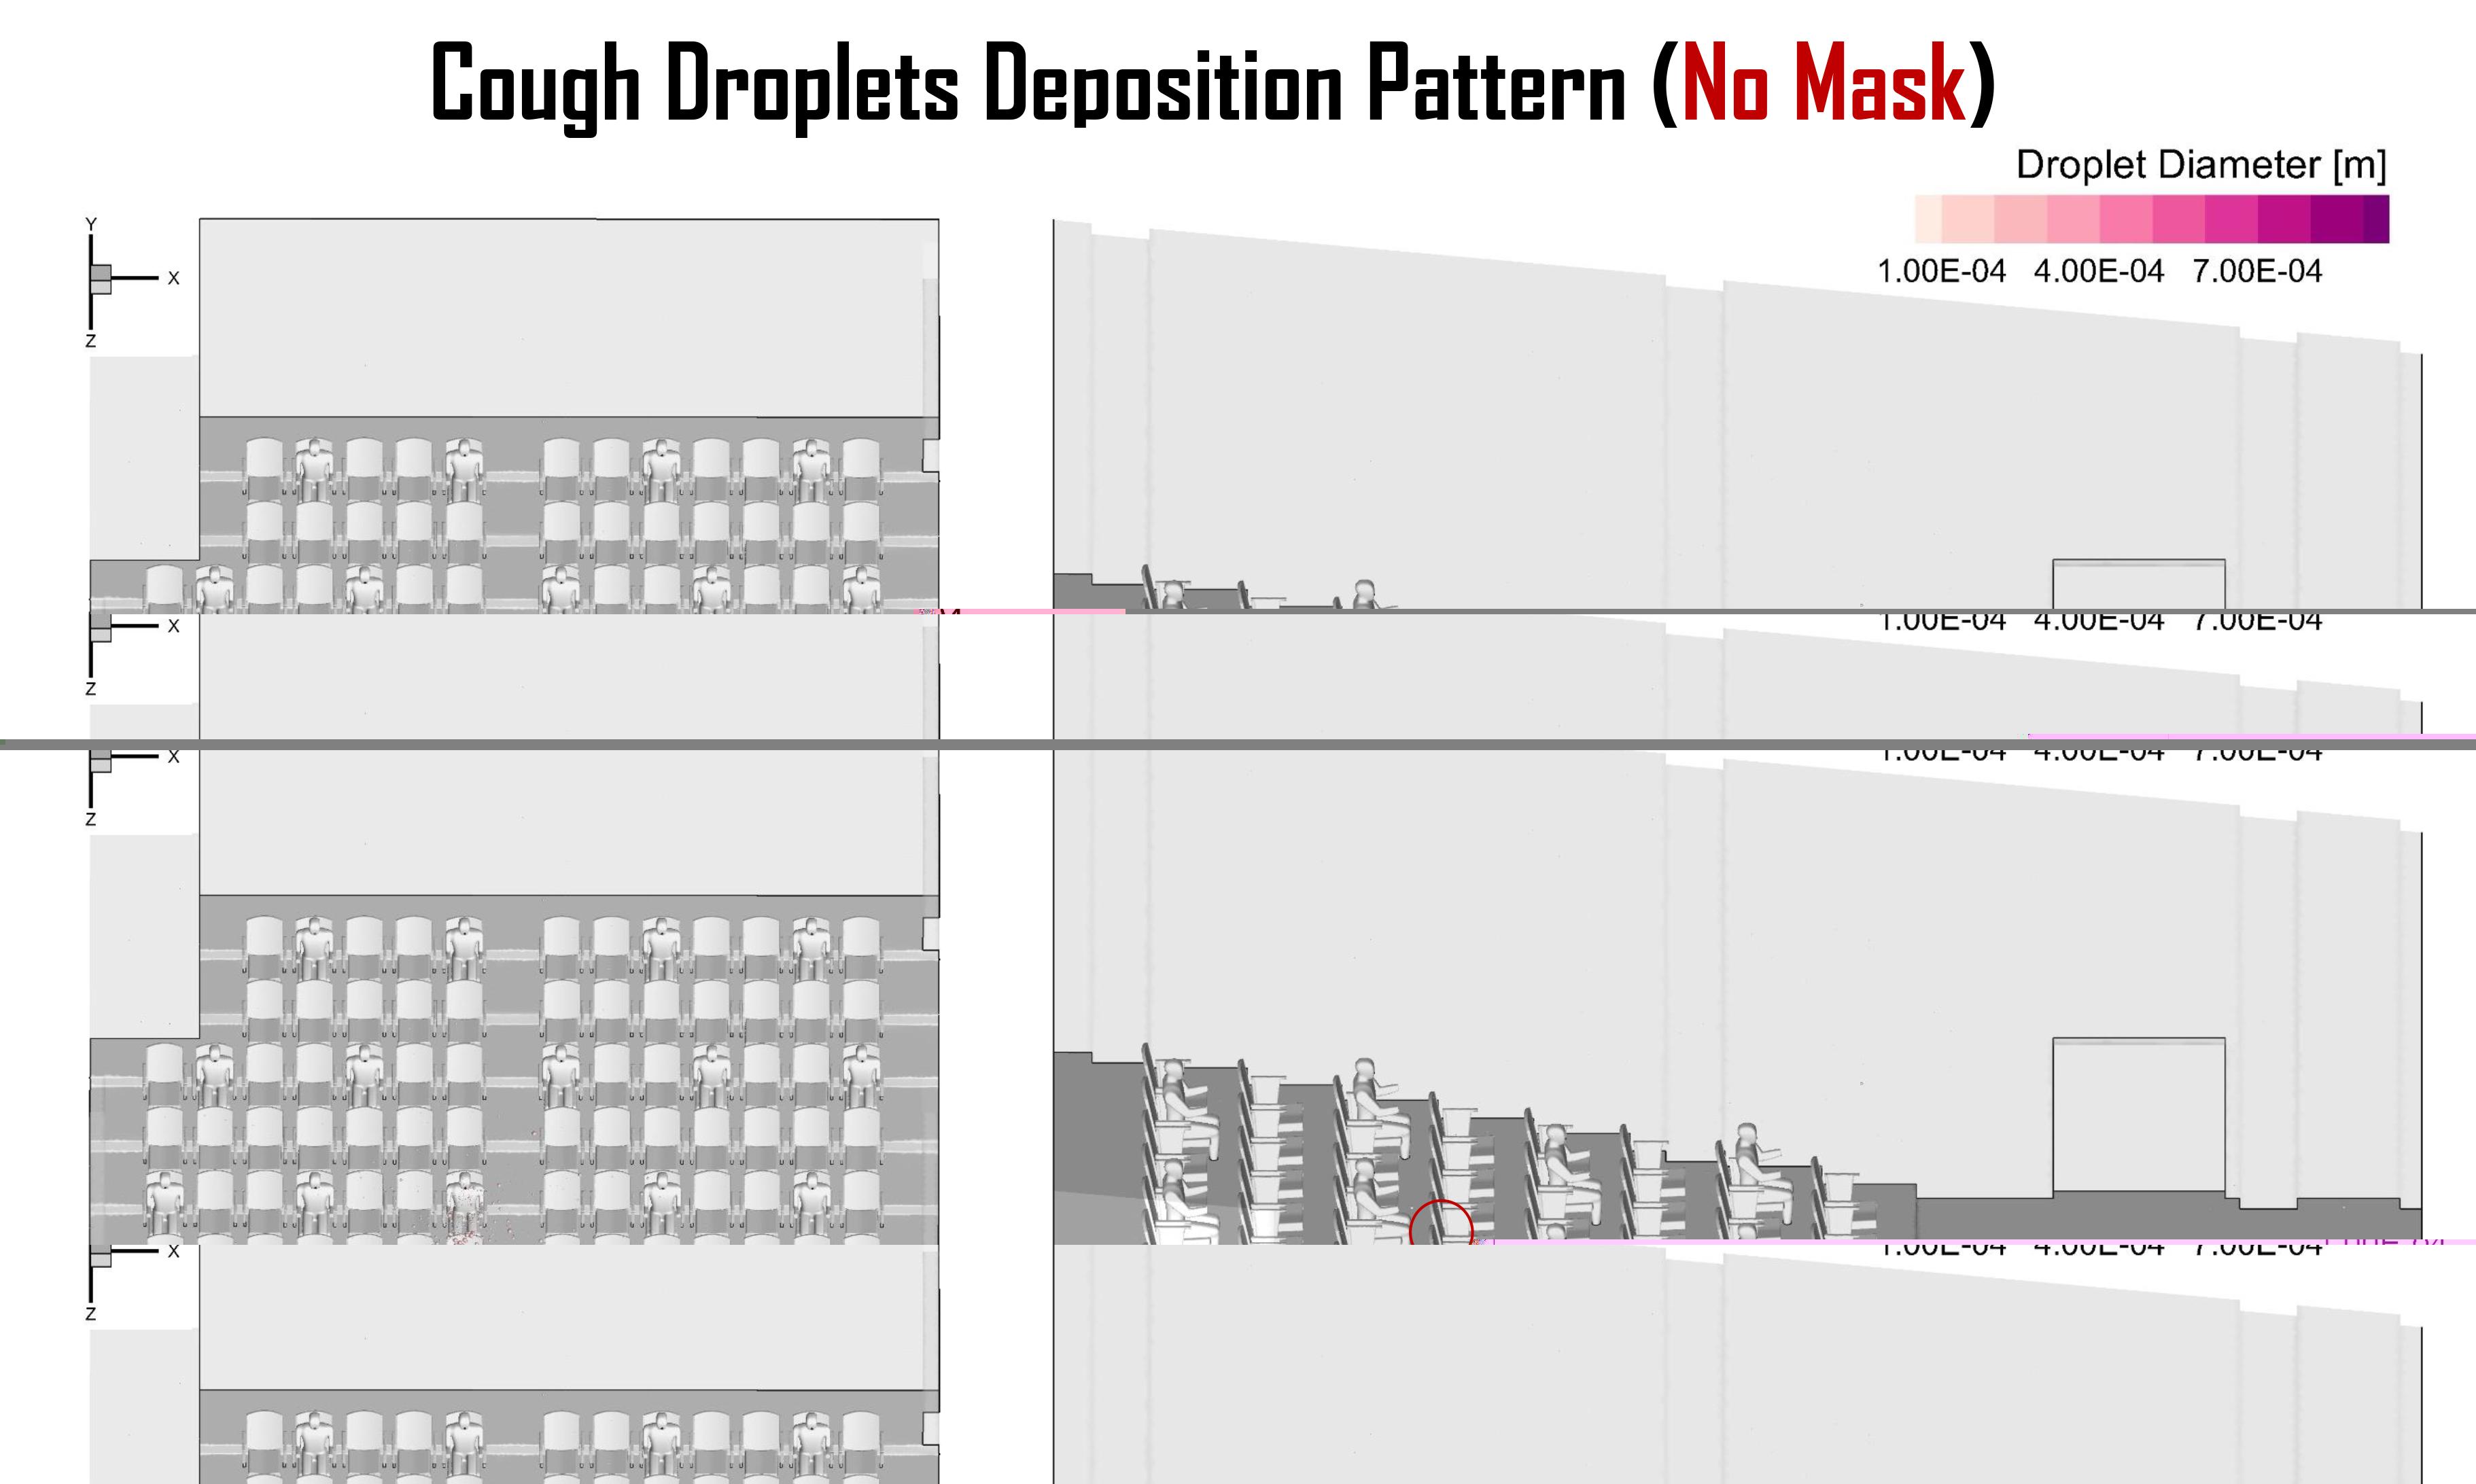 Une nouvelle simulation numérique démontre l'efficacité du masque dans les lieux clos